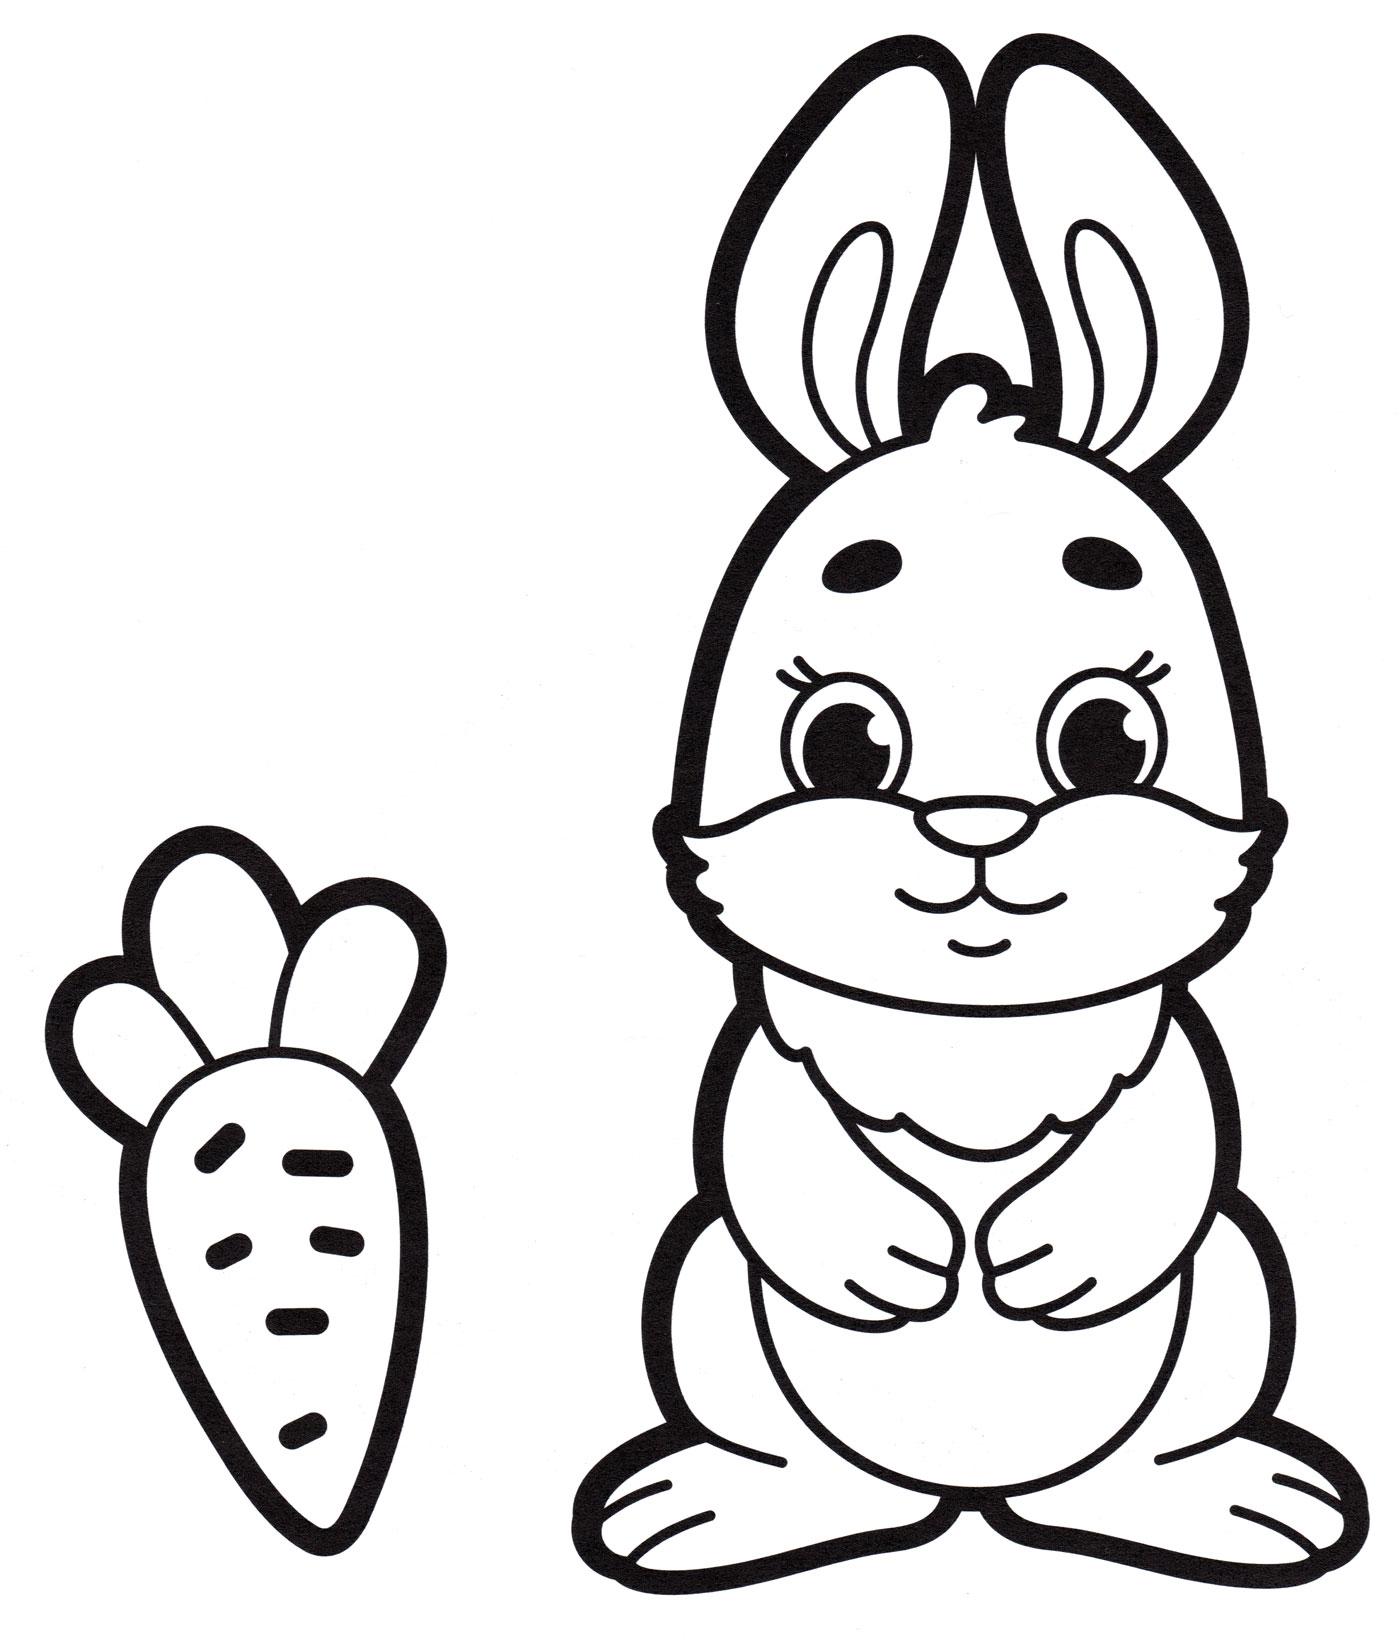 Раскраска Кролик и морковка - распечатать бесплатно